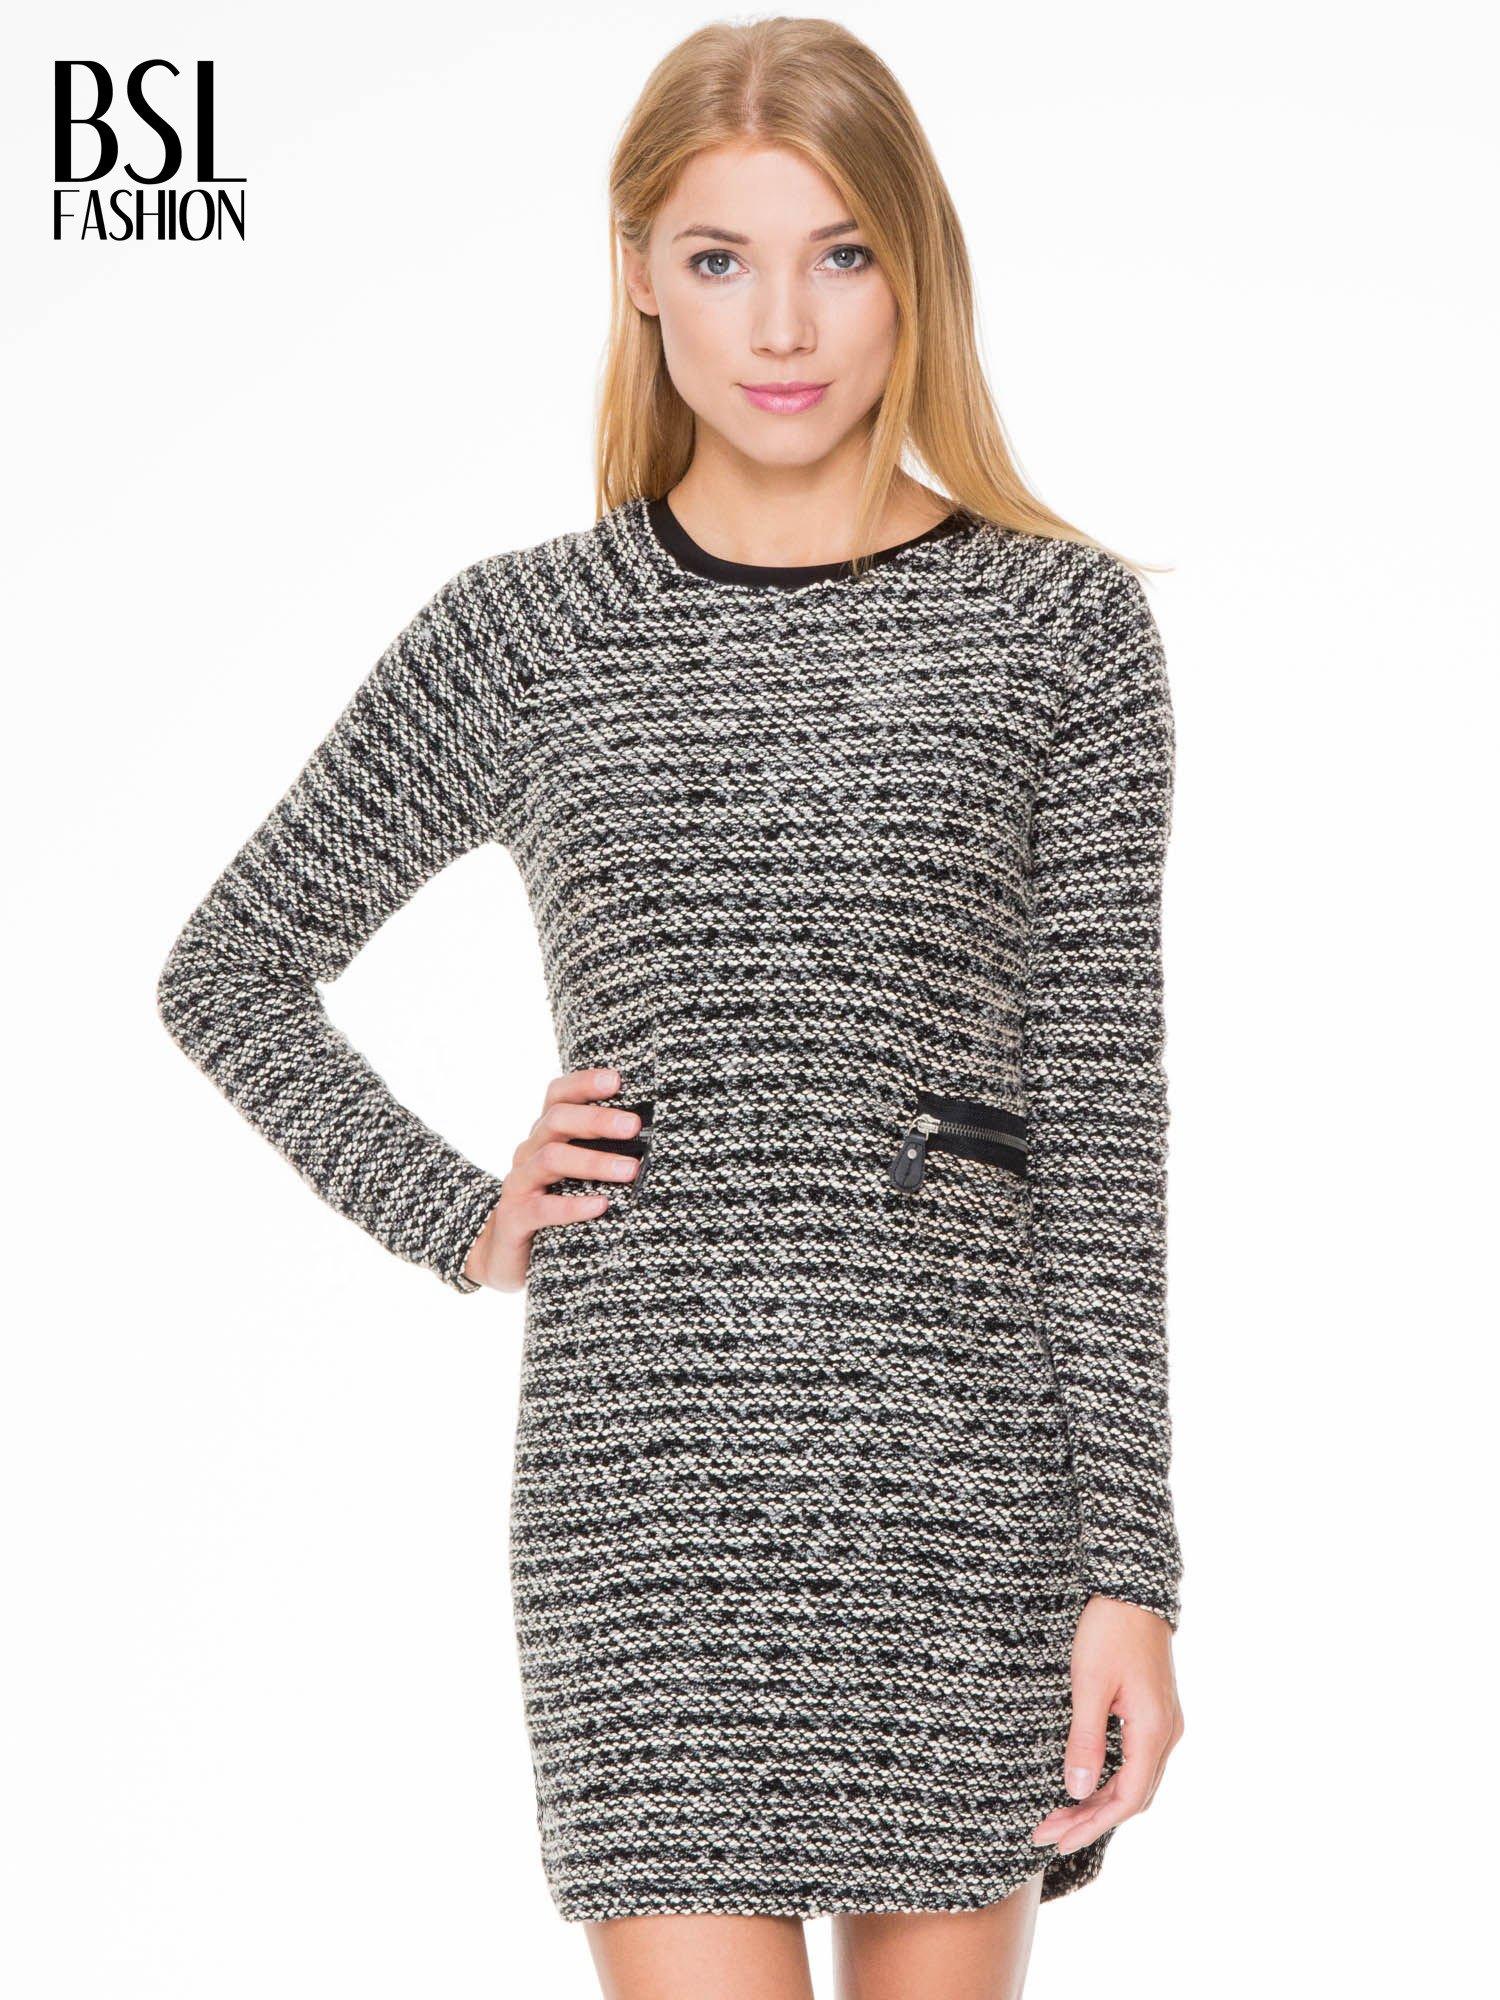 Czarna tweedowa sukienka w stylu Chanel                                  zdj.                                  2